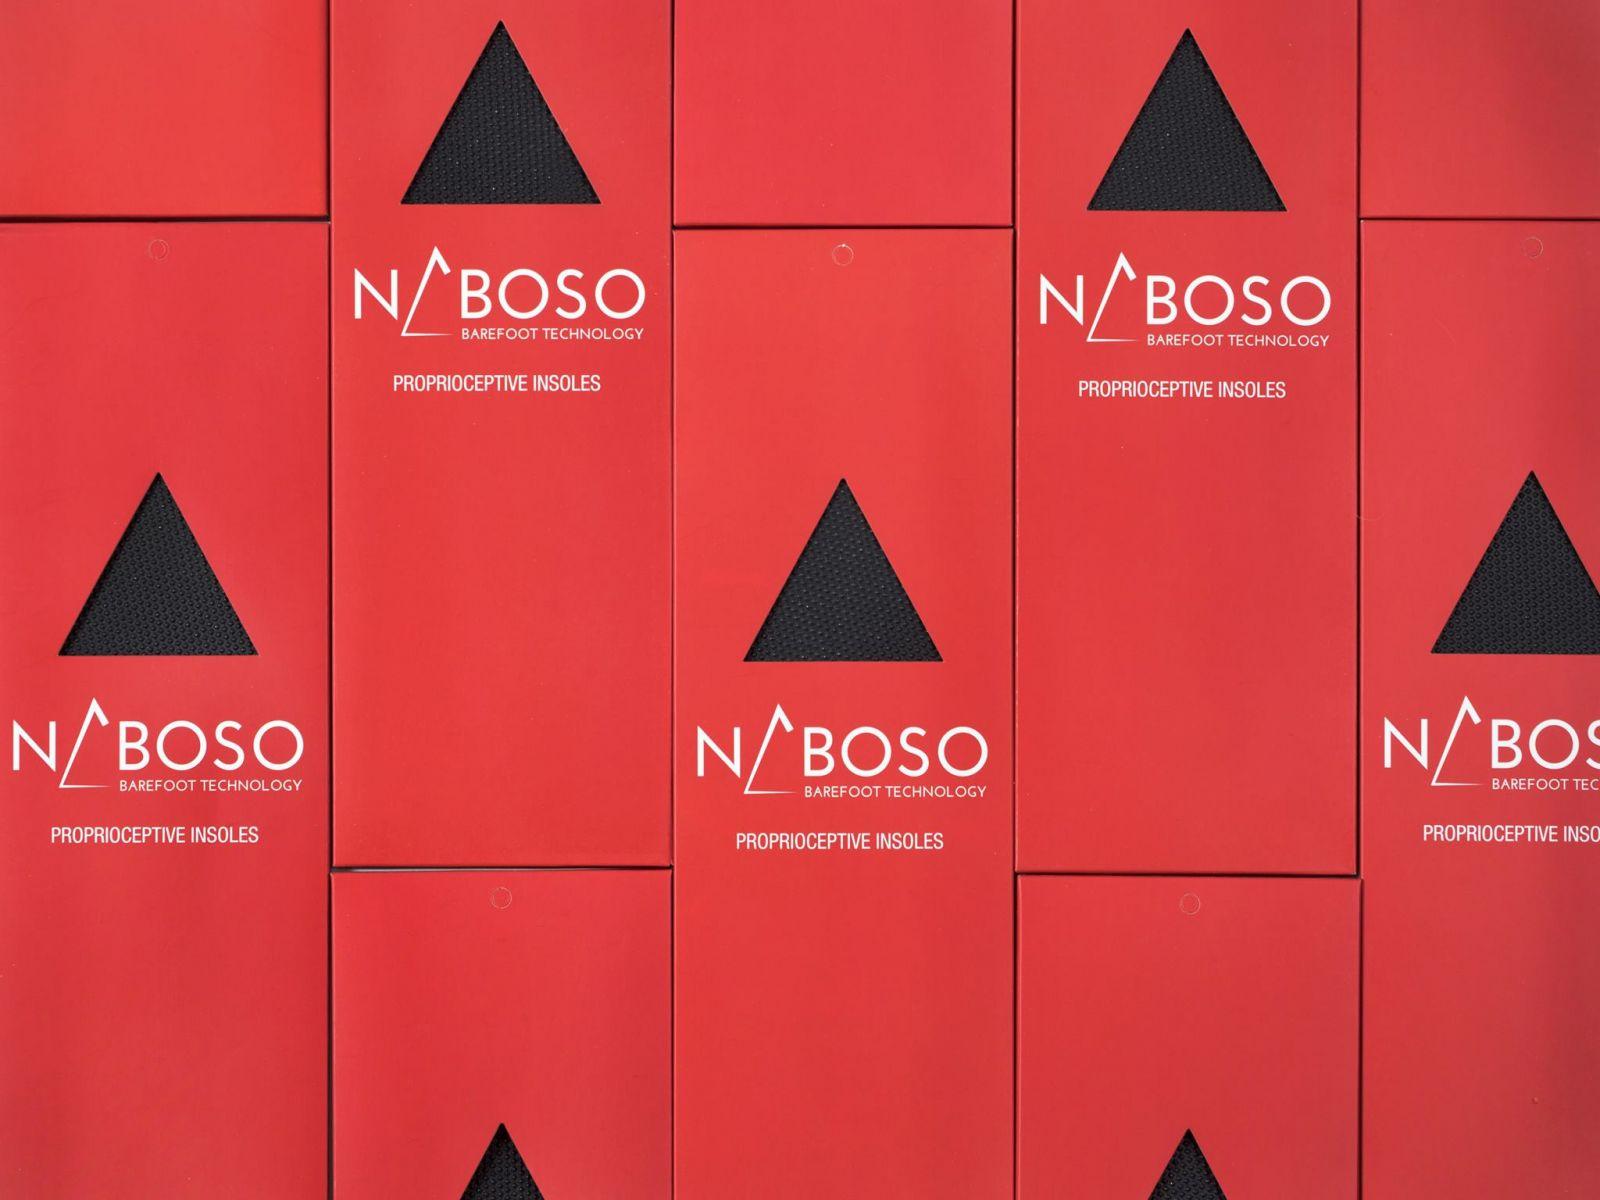 e507a1301a52 Naboso Technology je originální textura stimulující chodidla ...